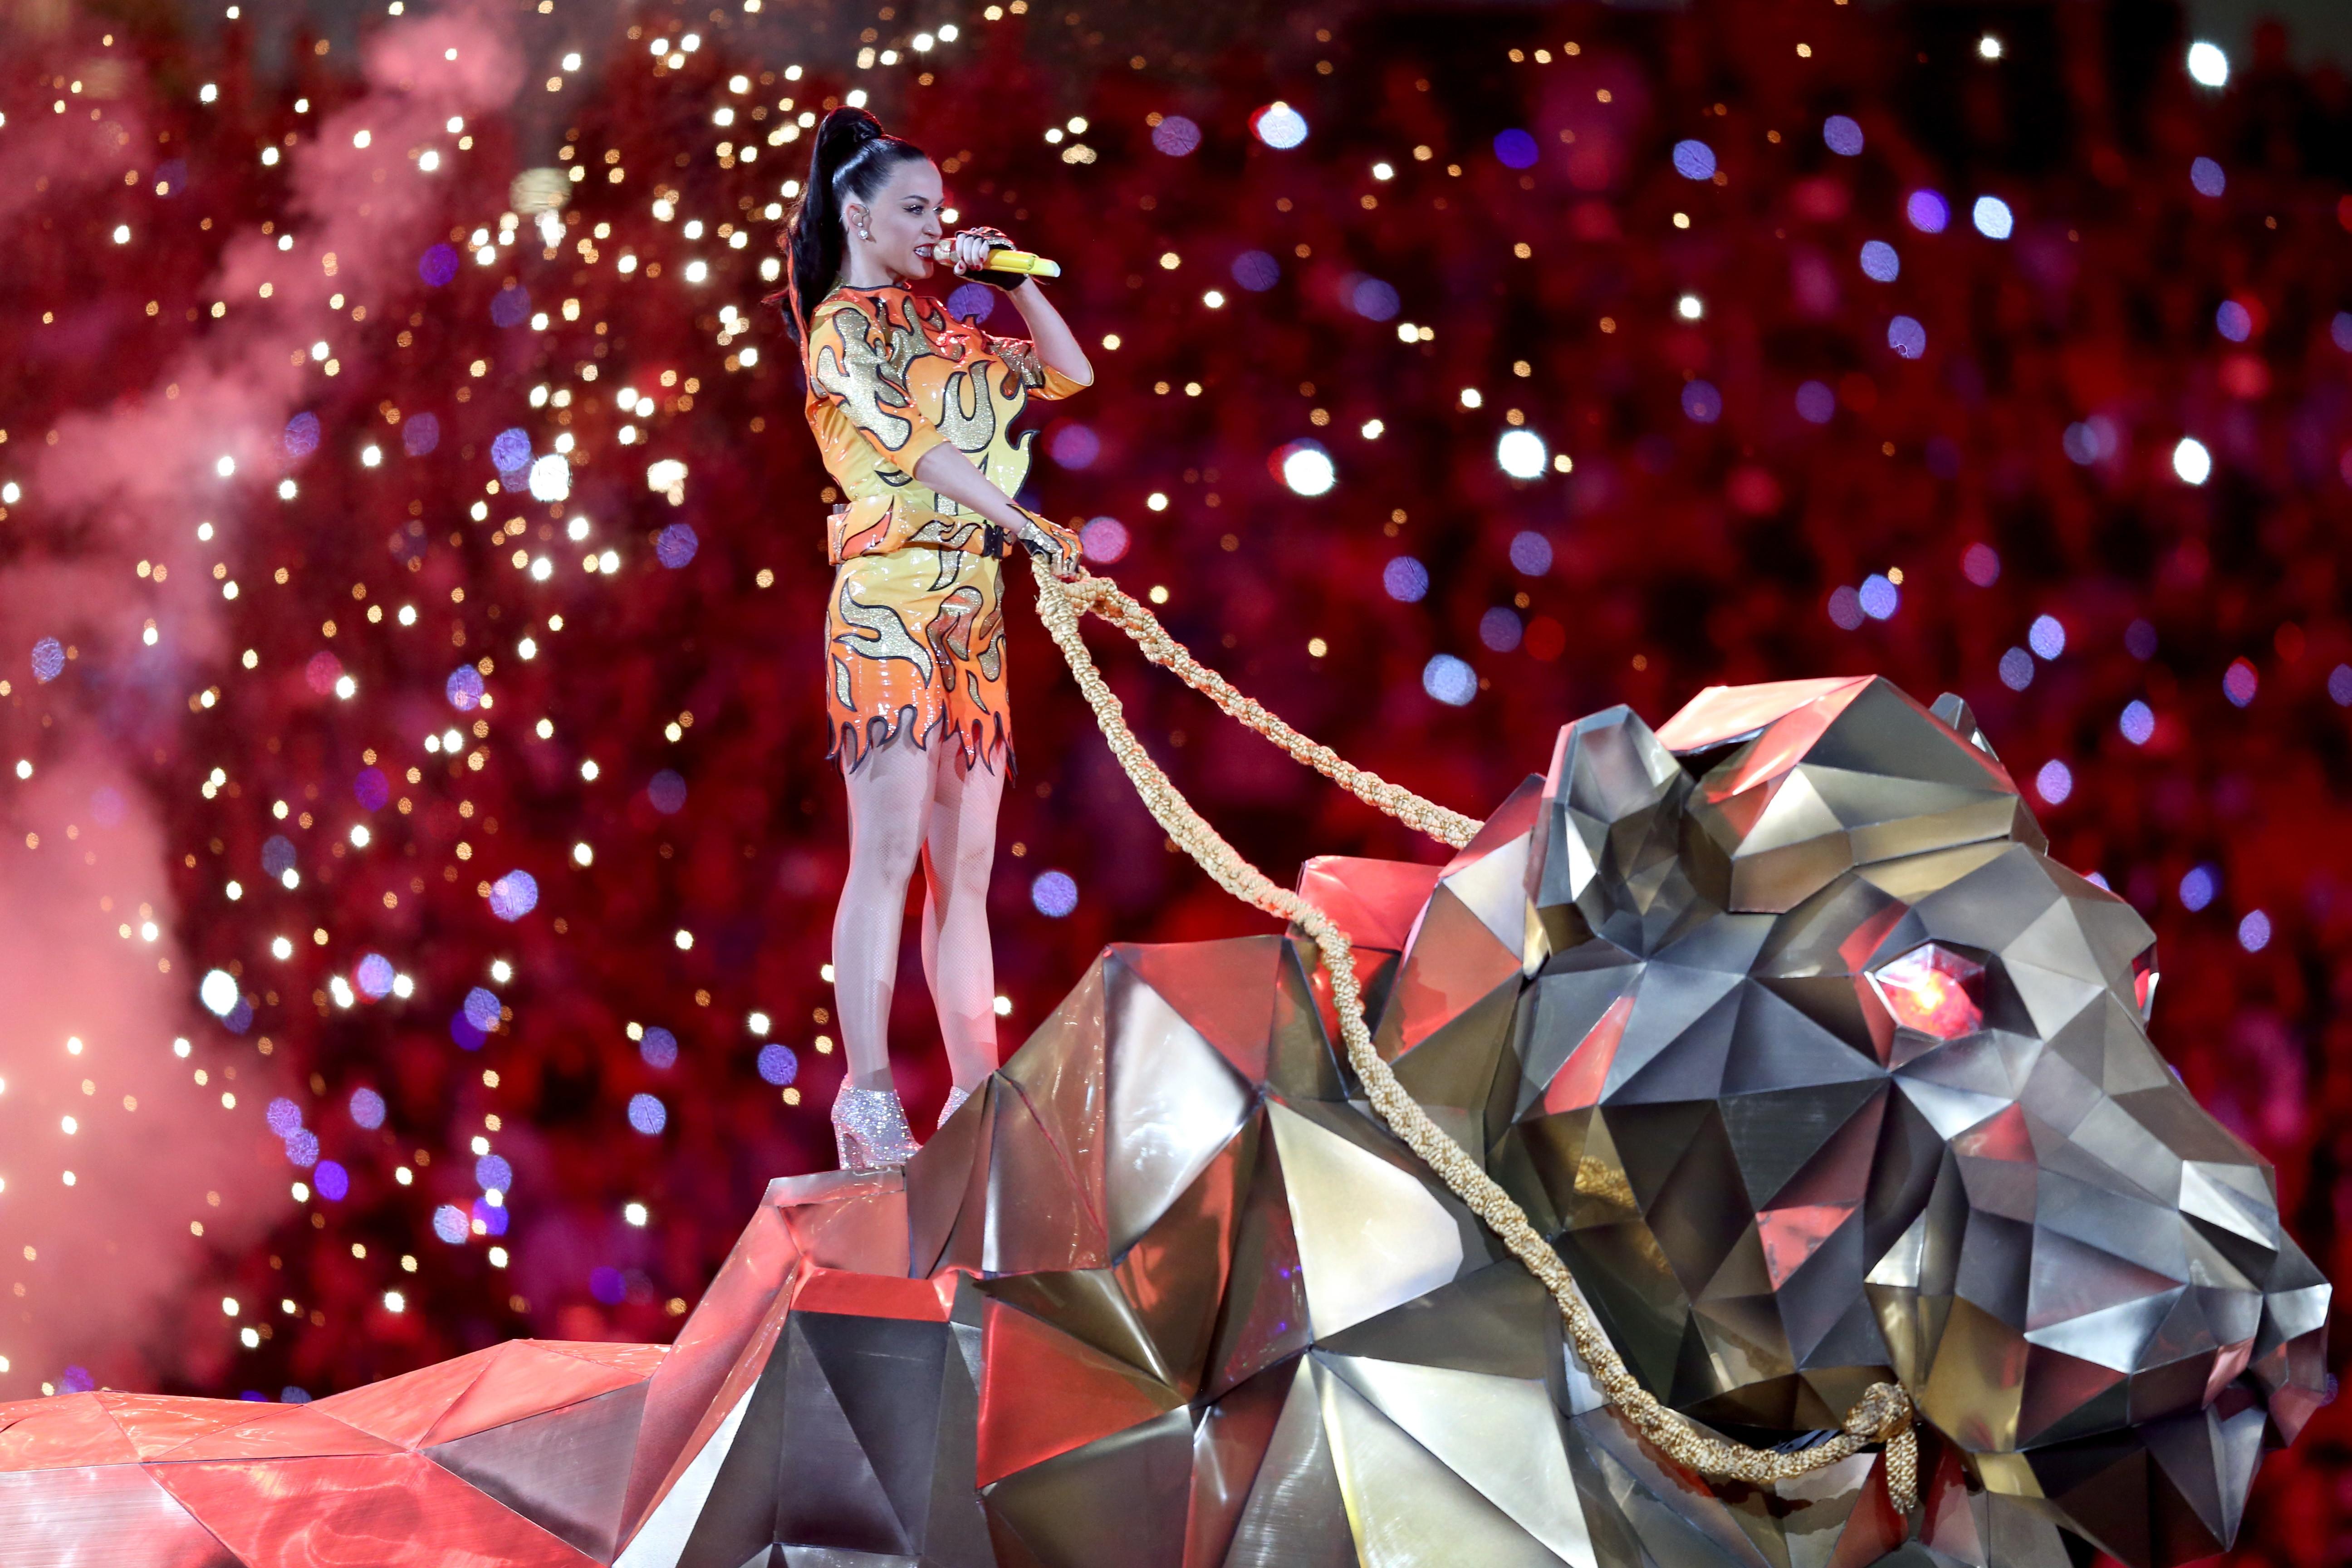 Nel 2015 Katy Perry si è esibita con Lenny Kravitz e Missy Elliott. La cantante americana è entrata nello stadio cavalcando un grosso leone meccanico dorato.